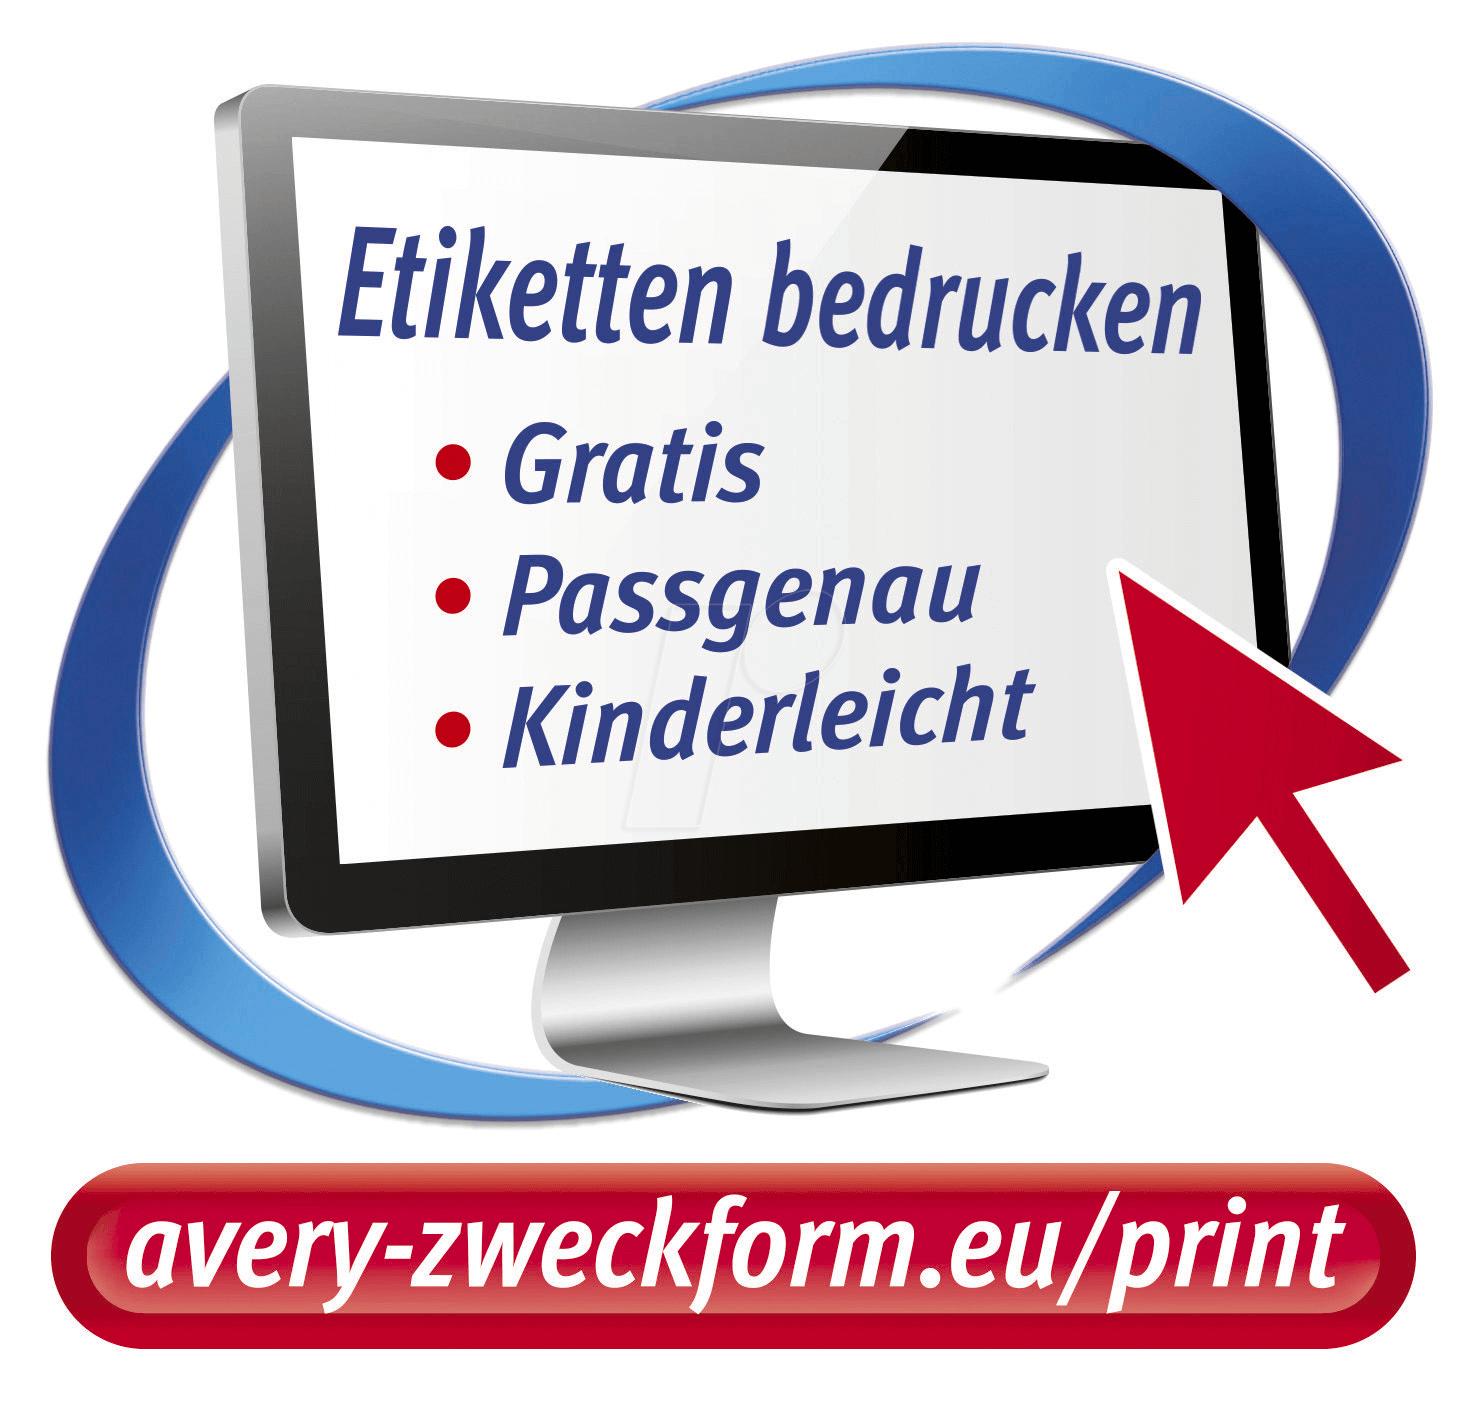 https://cdn-reichelt.de/bilder/web/xxl_ws/E460/AVZ_L4774-20_06.png